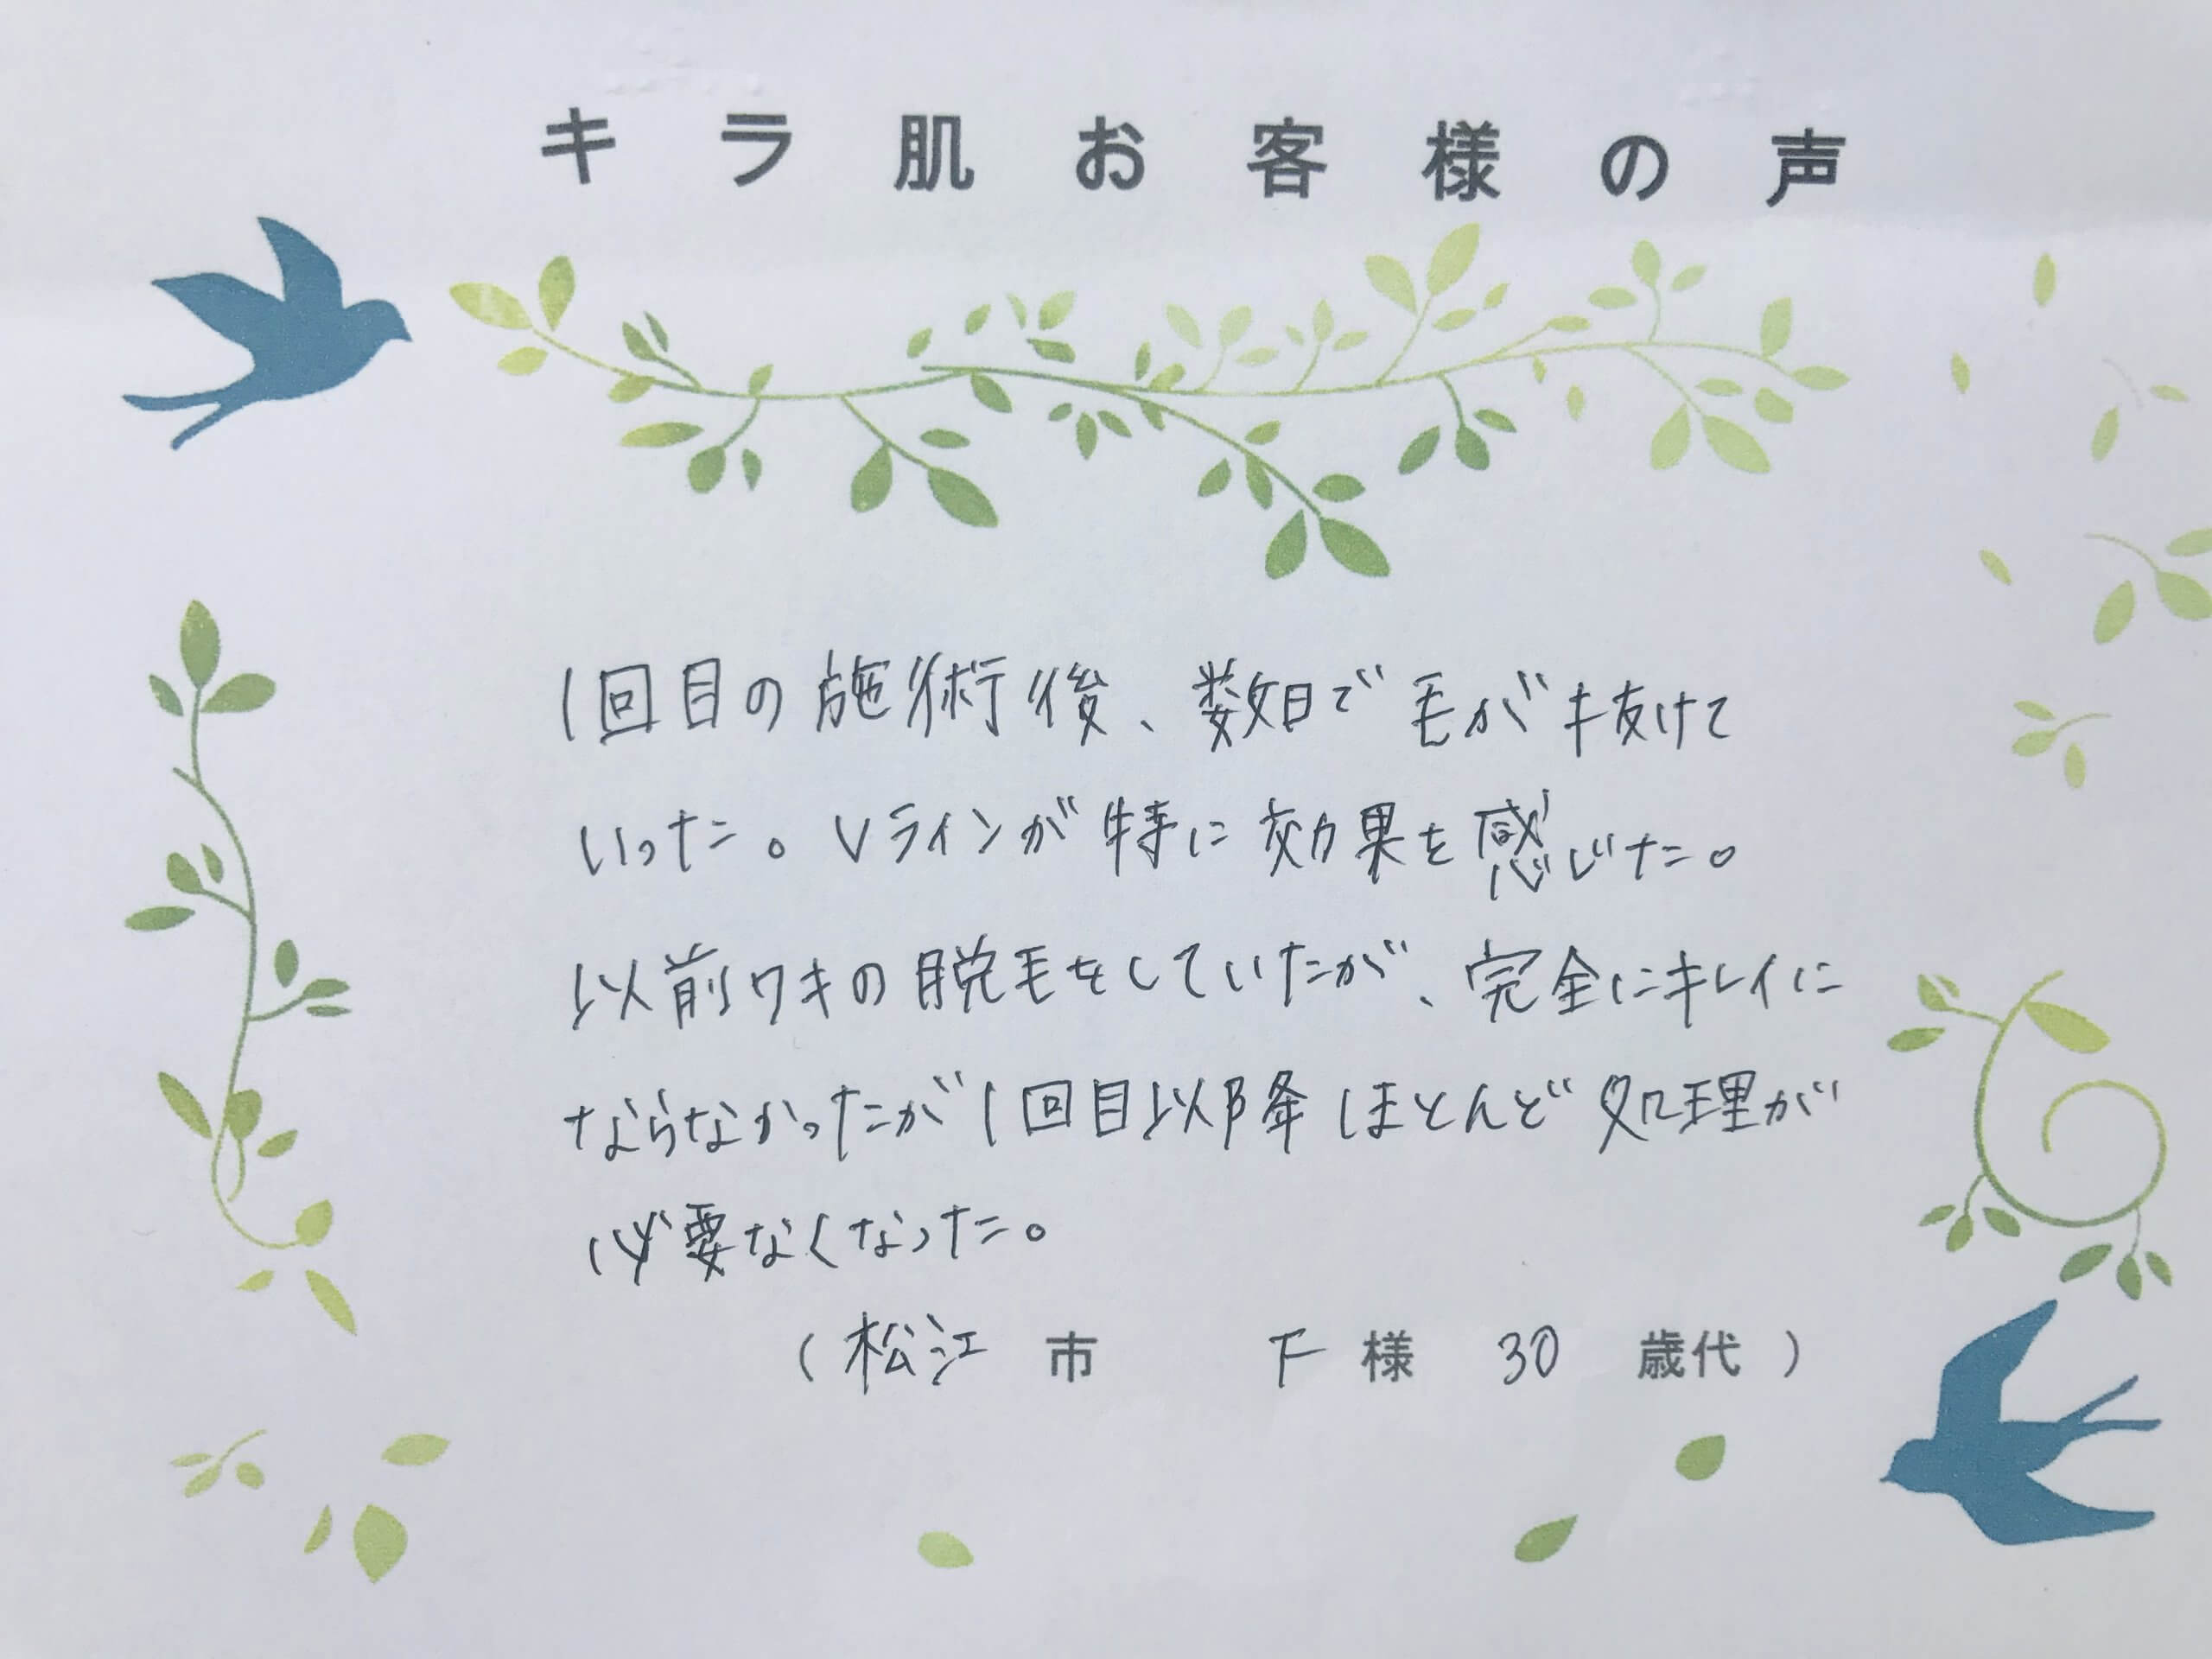 松江イングリッシュガーデン前駅付近在住20代